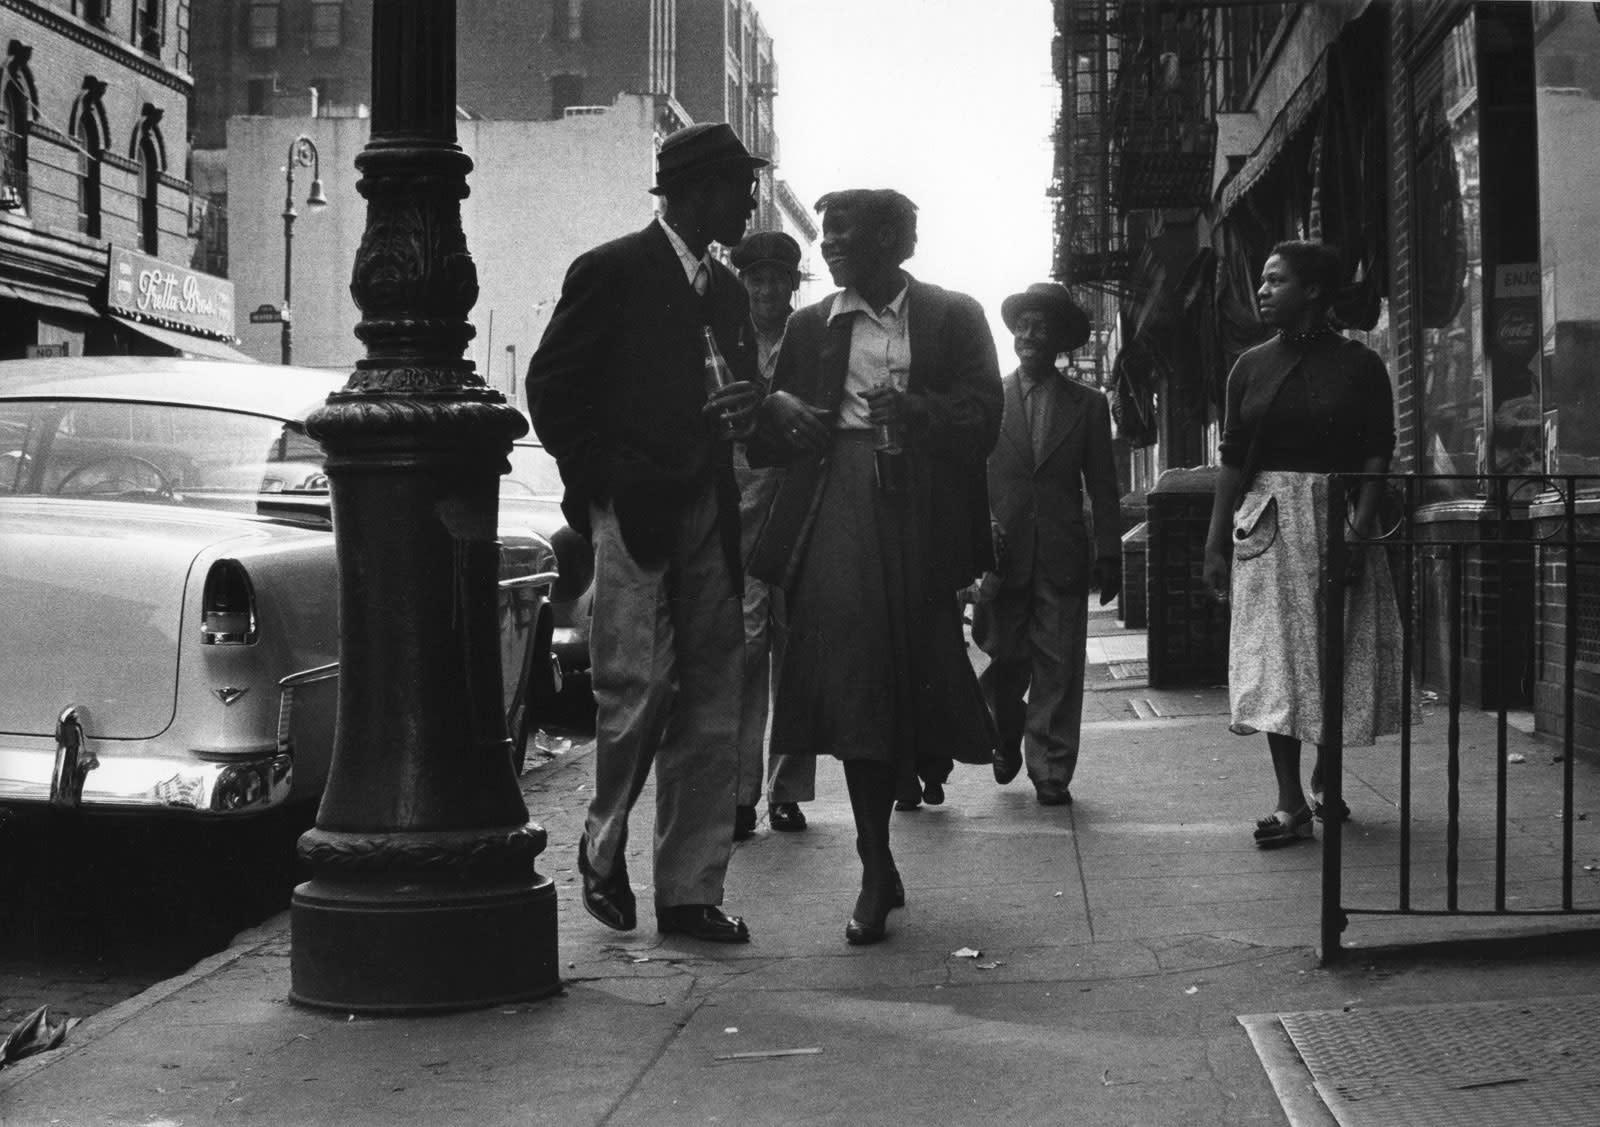 Sabine Weiss Lower East Side, New York Tirage gélatino-argentique d'époque réalisé par l'artiste 20,1 x 29,5 cm Dim. papier: 20,1 x 29,5 cm